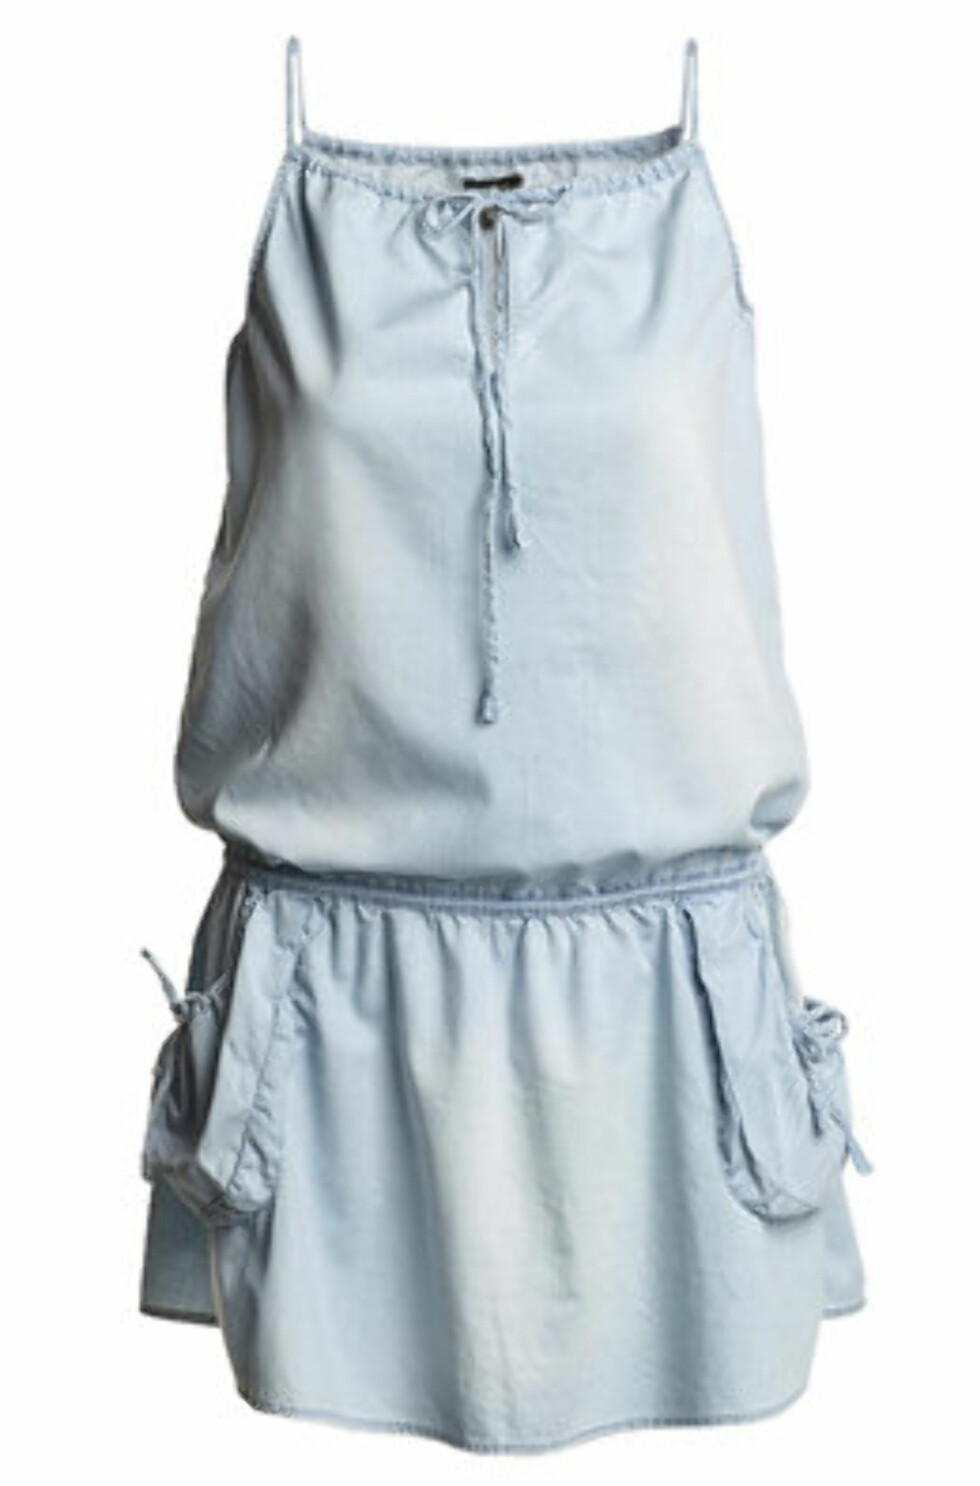 Denne kjolen kan du style opp med en kul veske og fargerike sandaler (kr 100, Lindex).